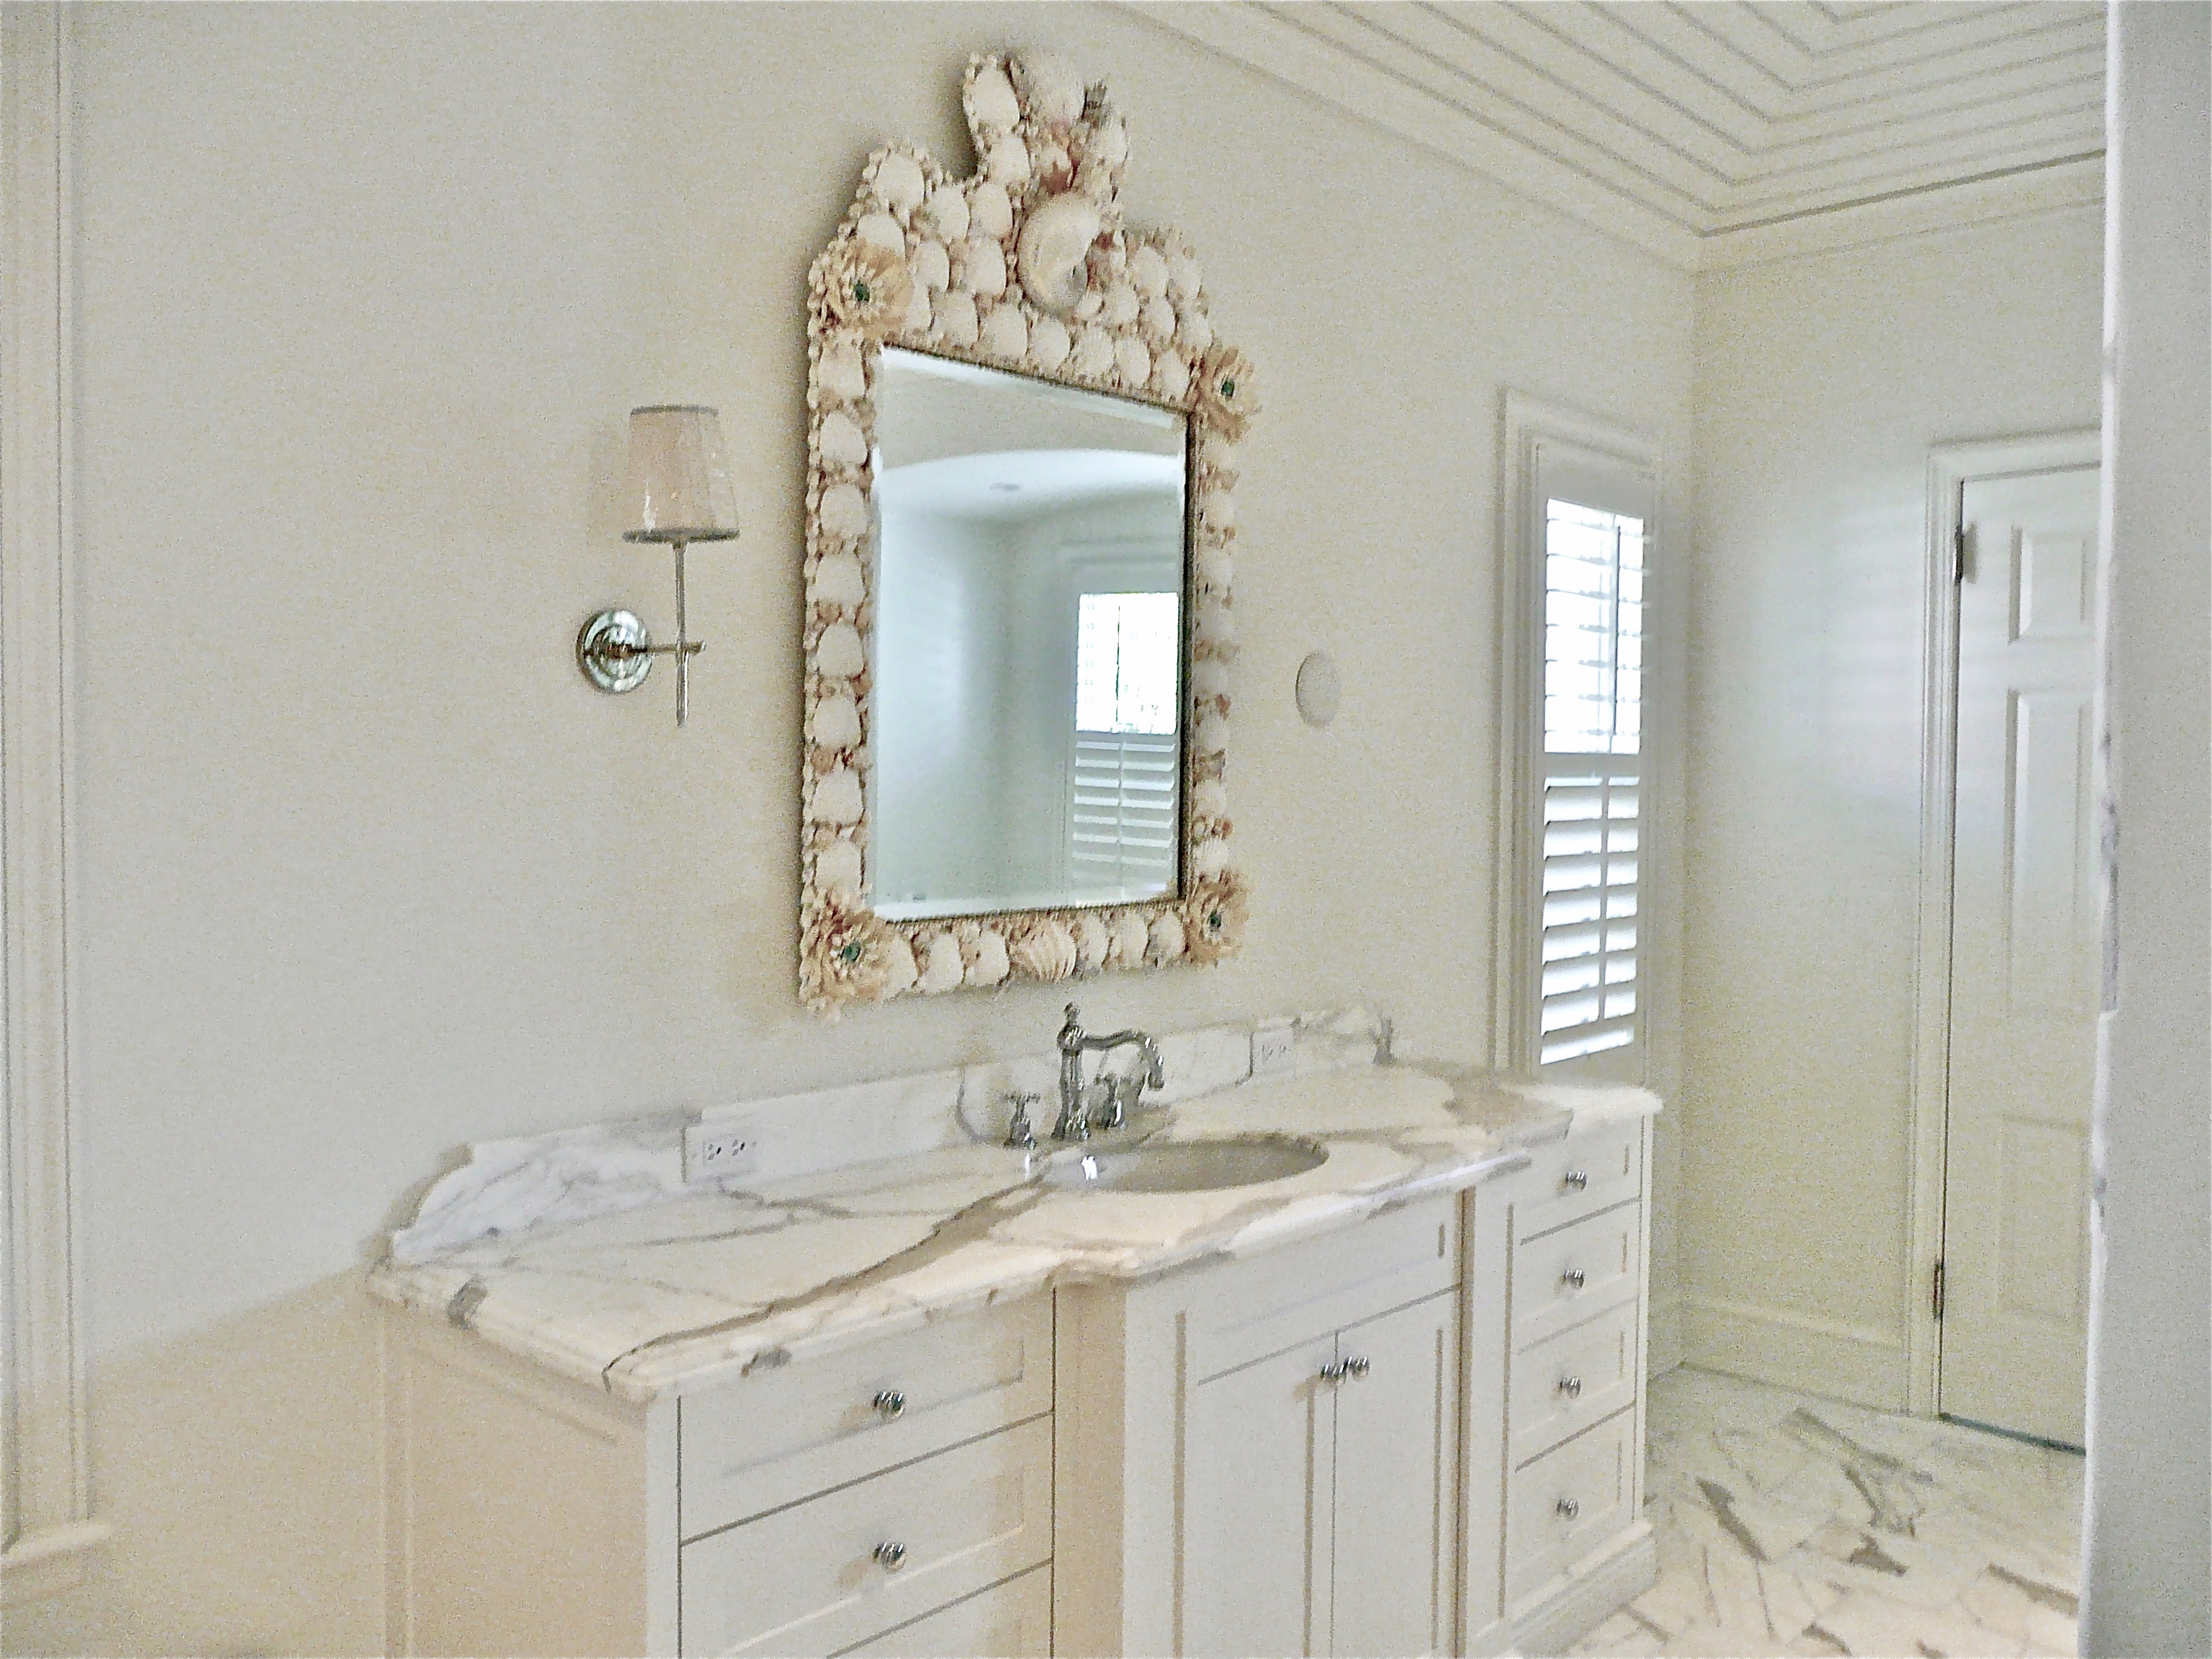 Her Bath Mirror